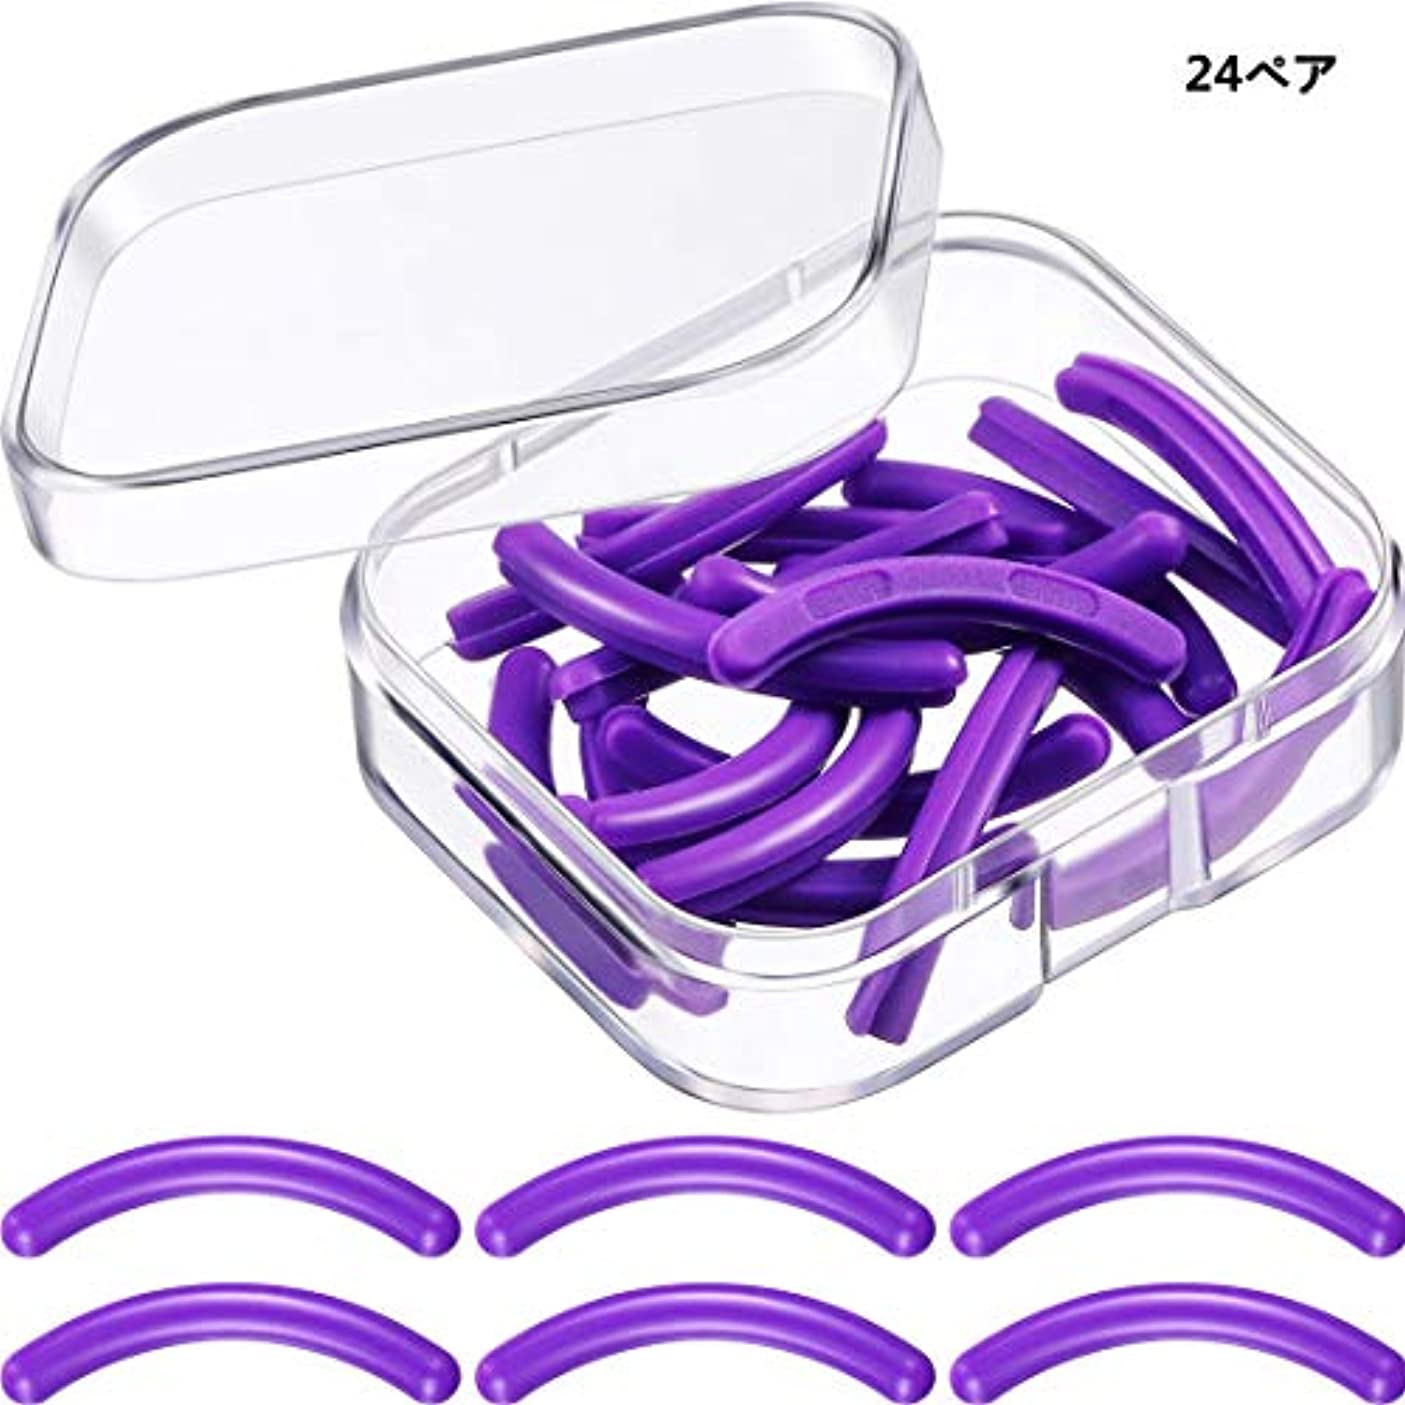 有名人レーザベックスWotion 24ピースカーリングアイロン詰め替えまつげカーラーサプリメントパッドシリコーンゴム交換詰め替え用ユニバーサルアイラッシュカーラーで透明収納ボックス (紫色)